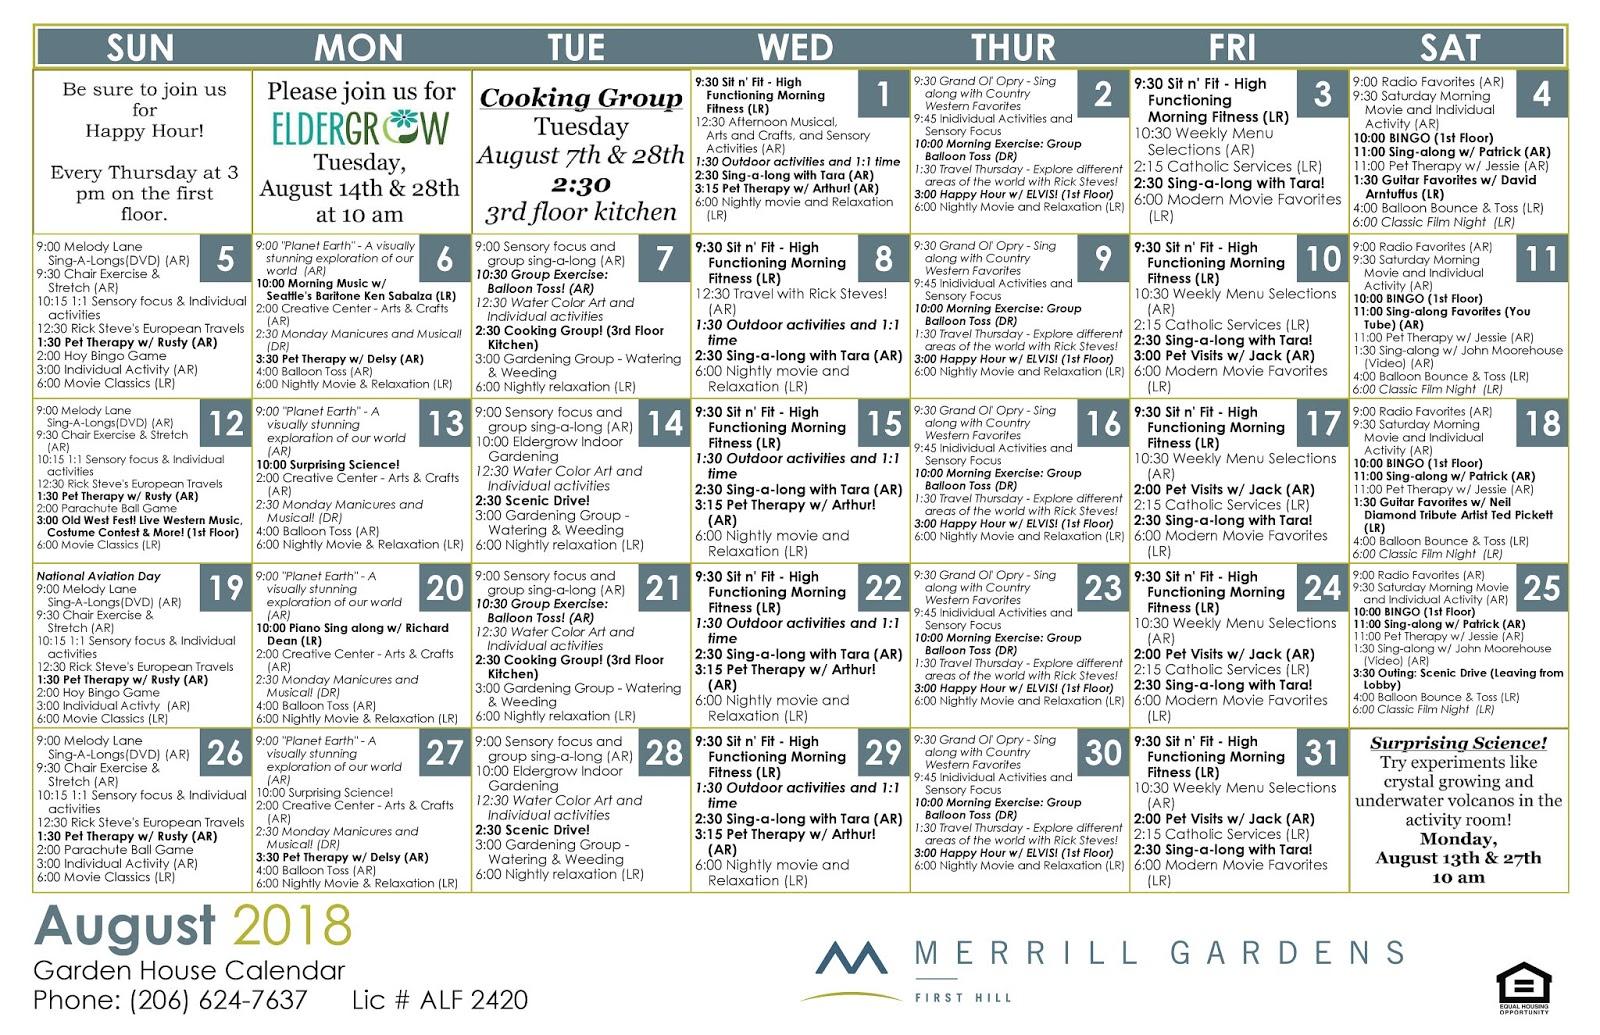 Merrill Gardens at First Hill: August Garden House Calendar